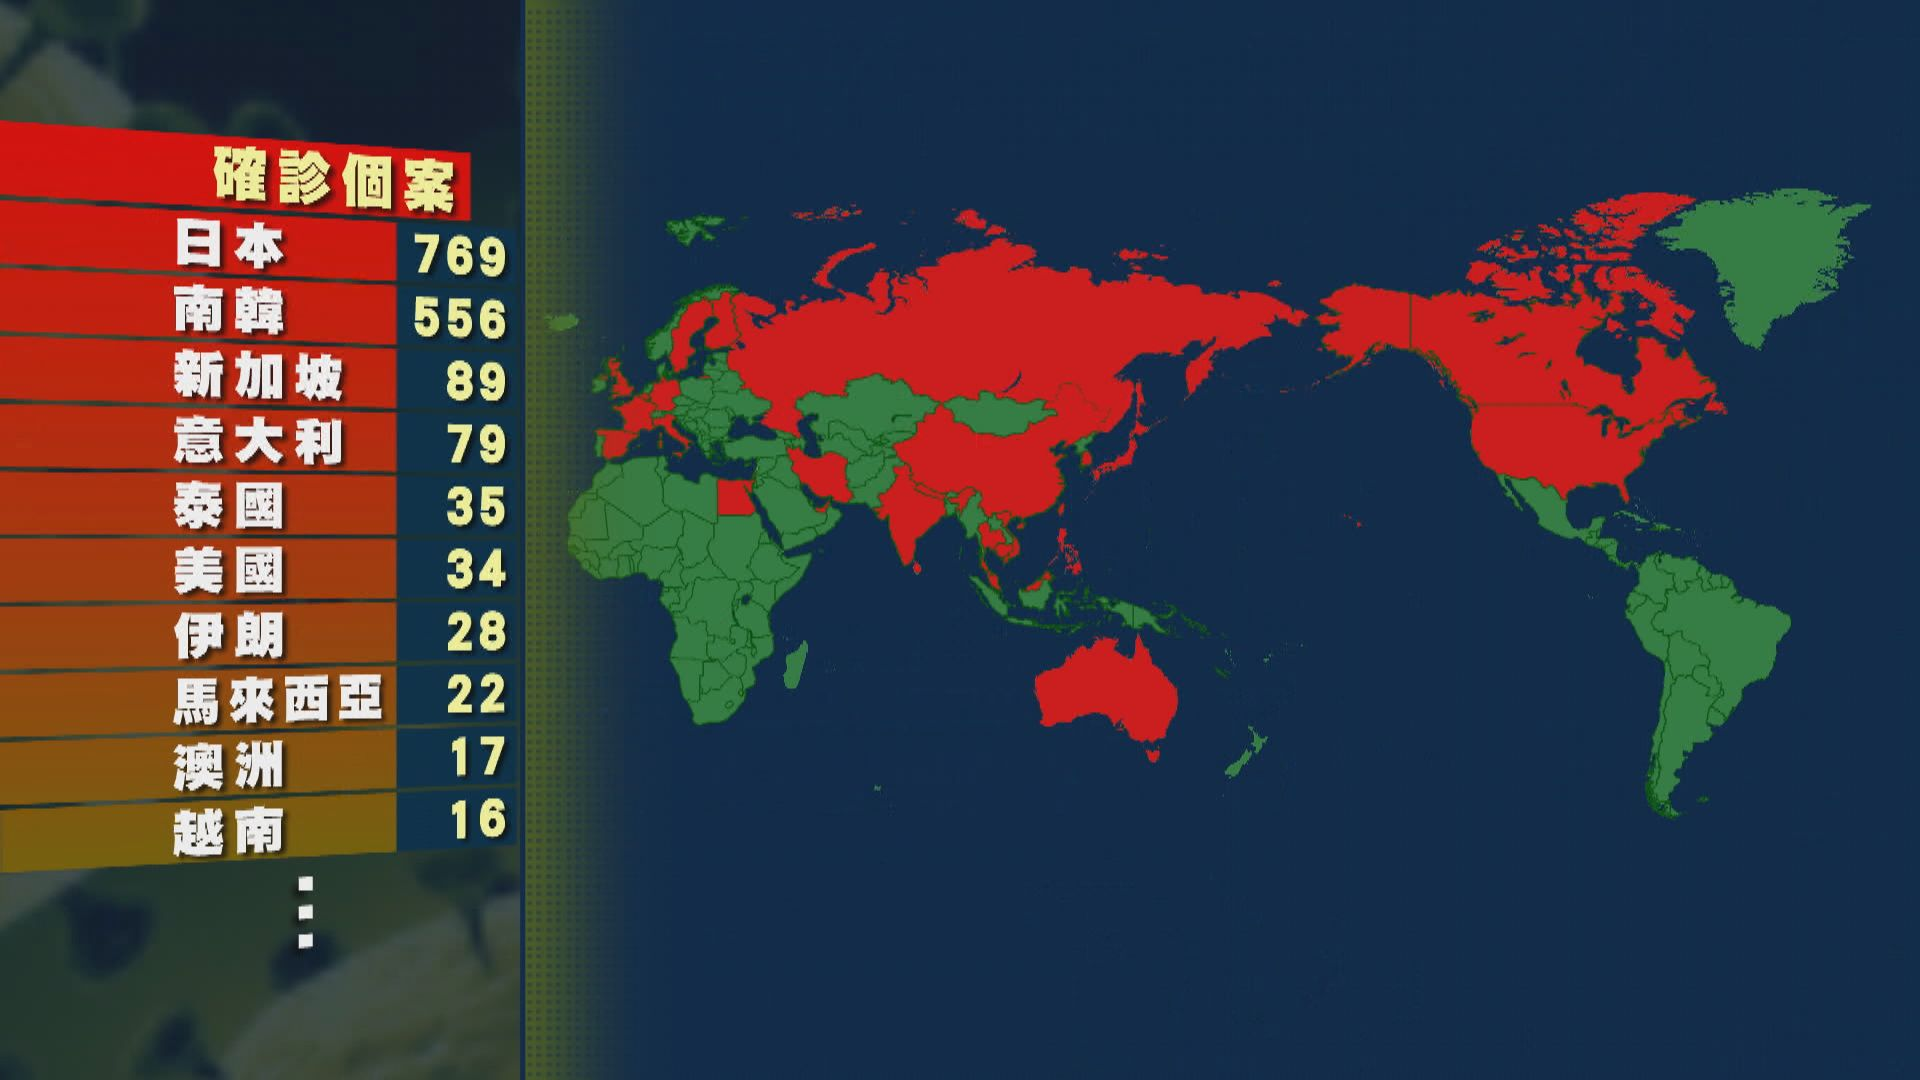 南韓再急增123宗確診個案 累計病例增至556宗